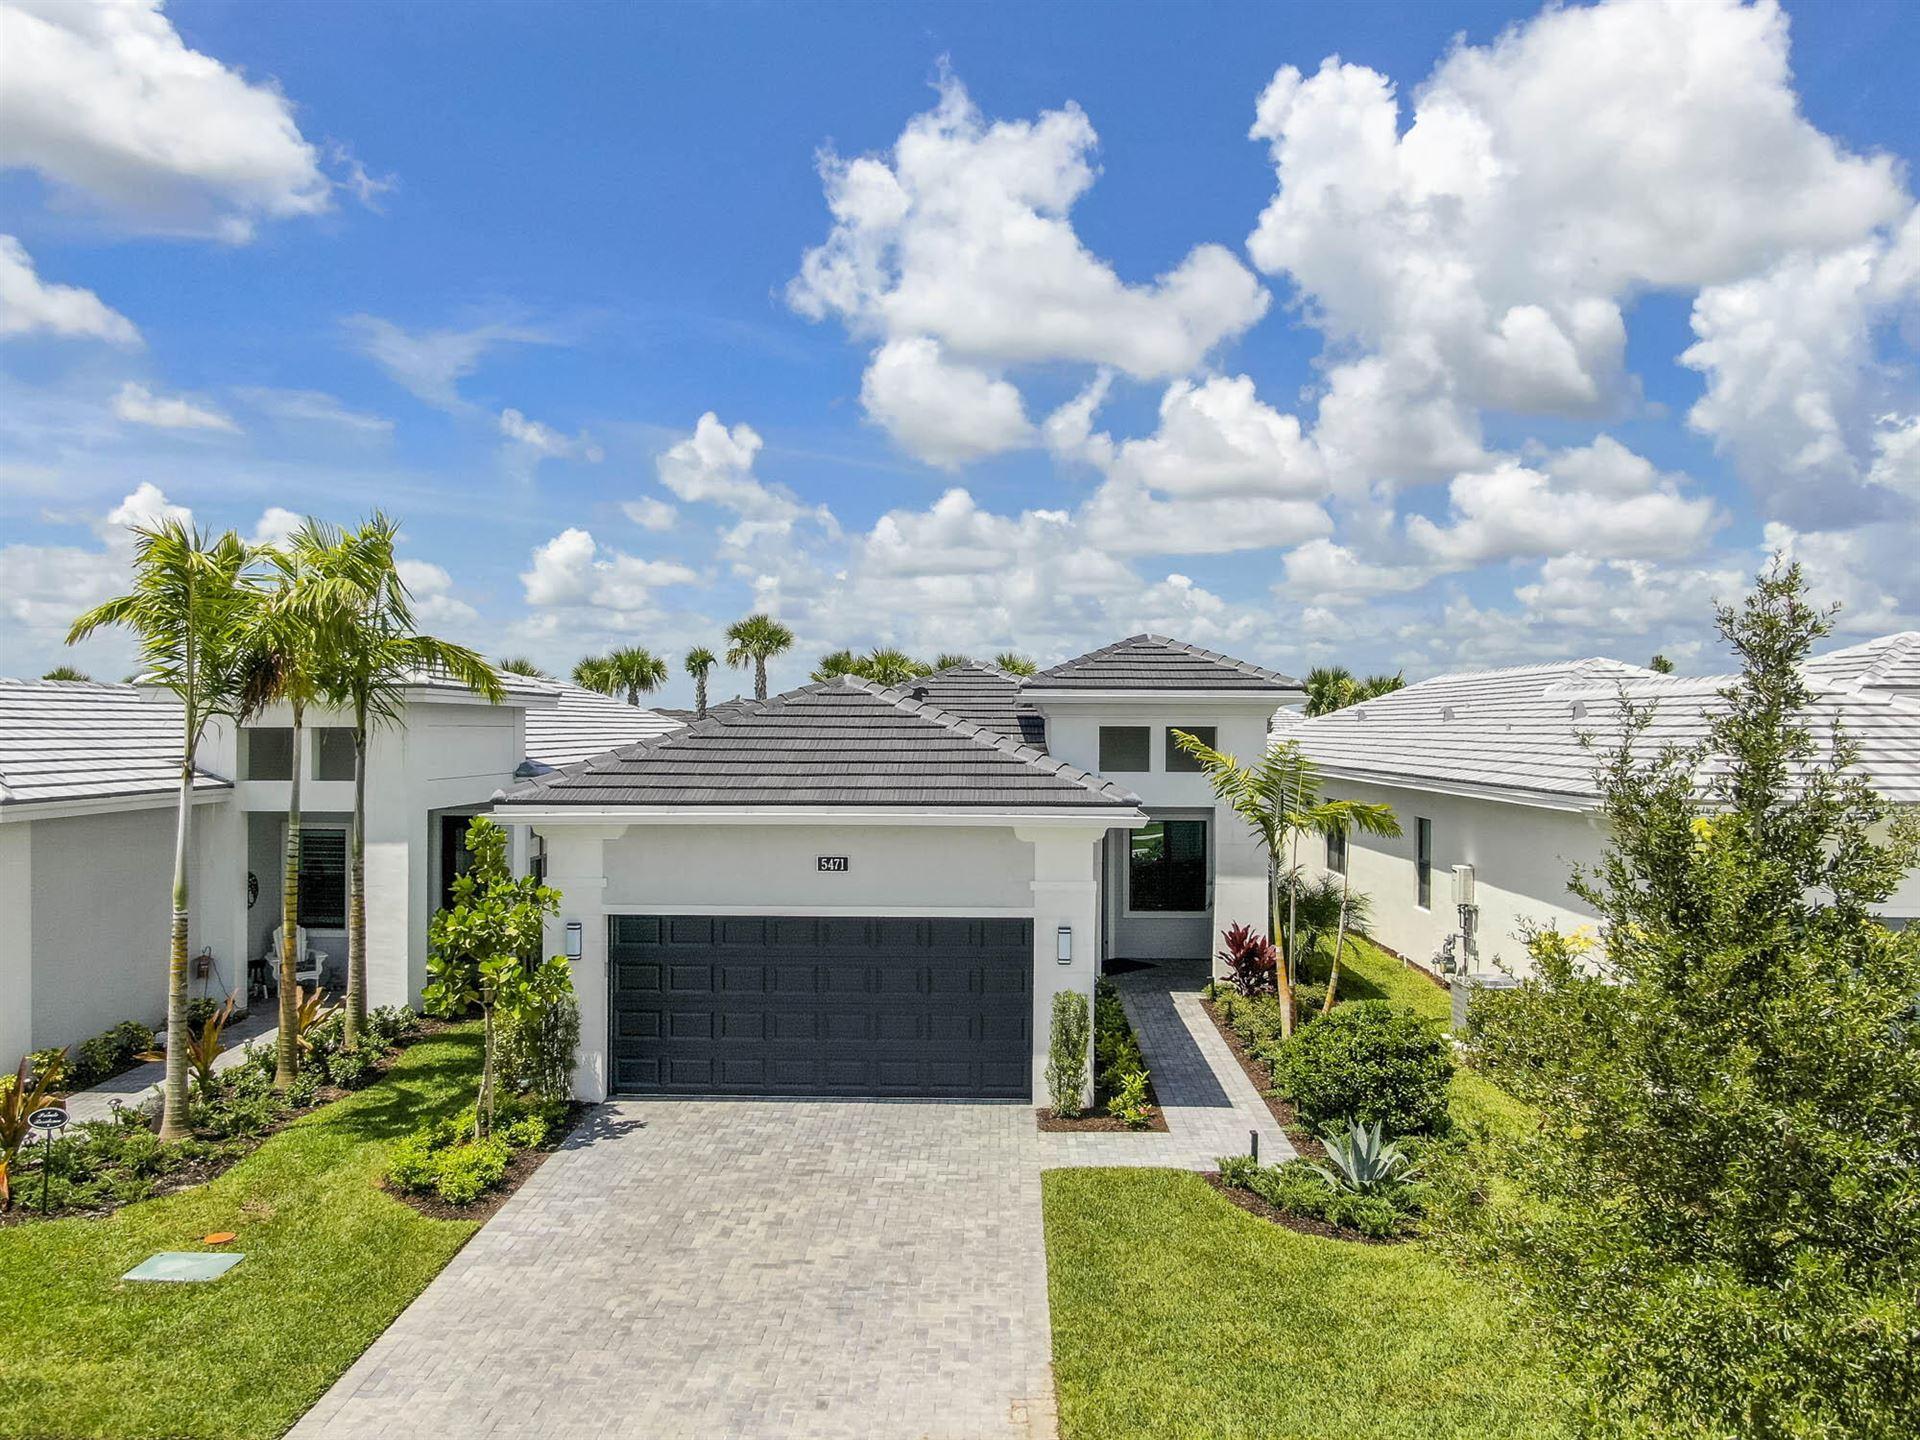 5471 Santa Rosa Lane, Westlake, FL 33470 - MLS#: RX-10743200